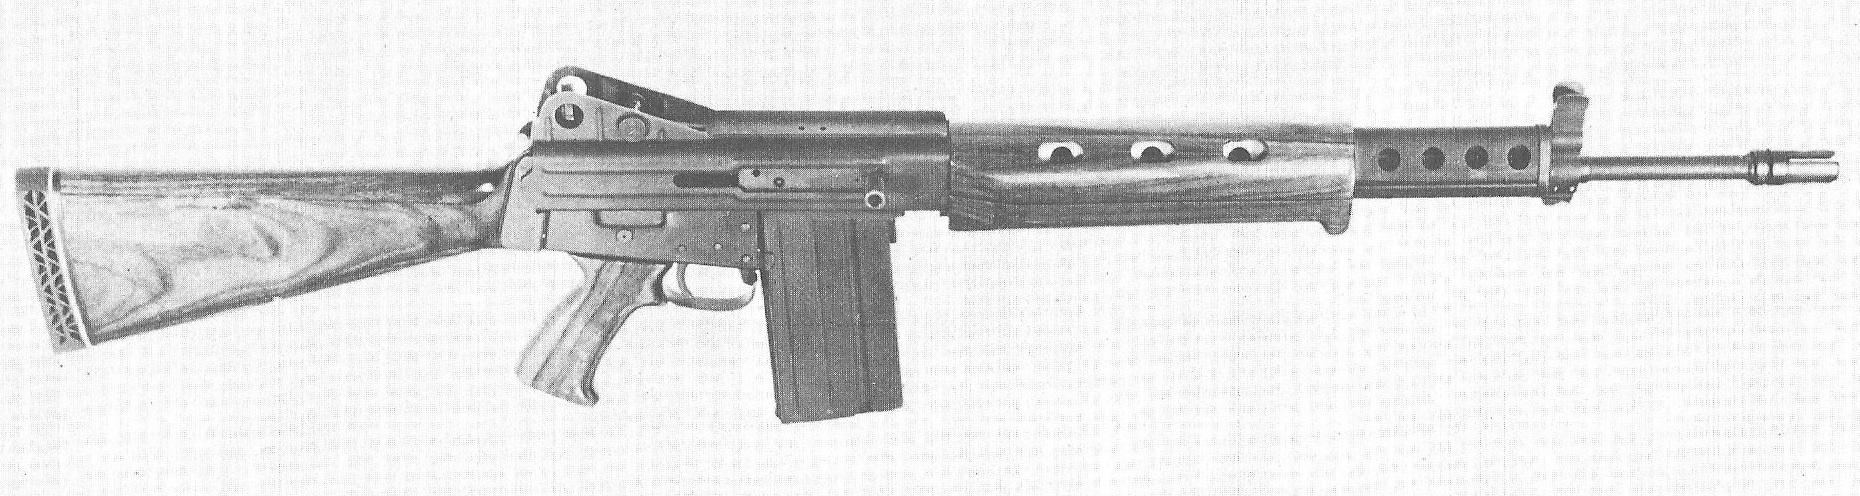 ArmaLite AR-16   Gun Wiki   FANDOM powered by Wikia